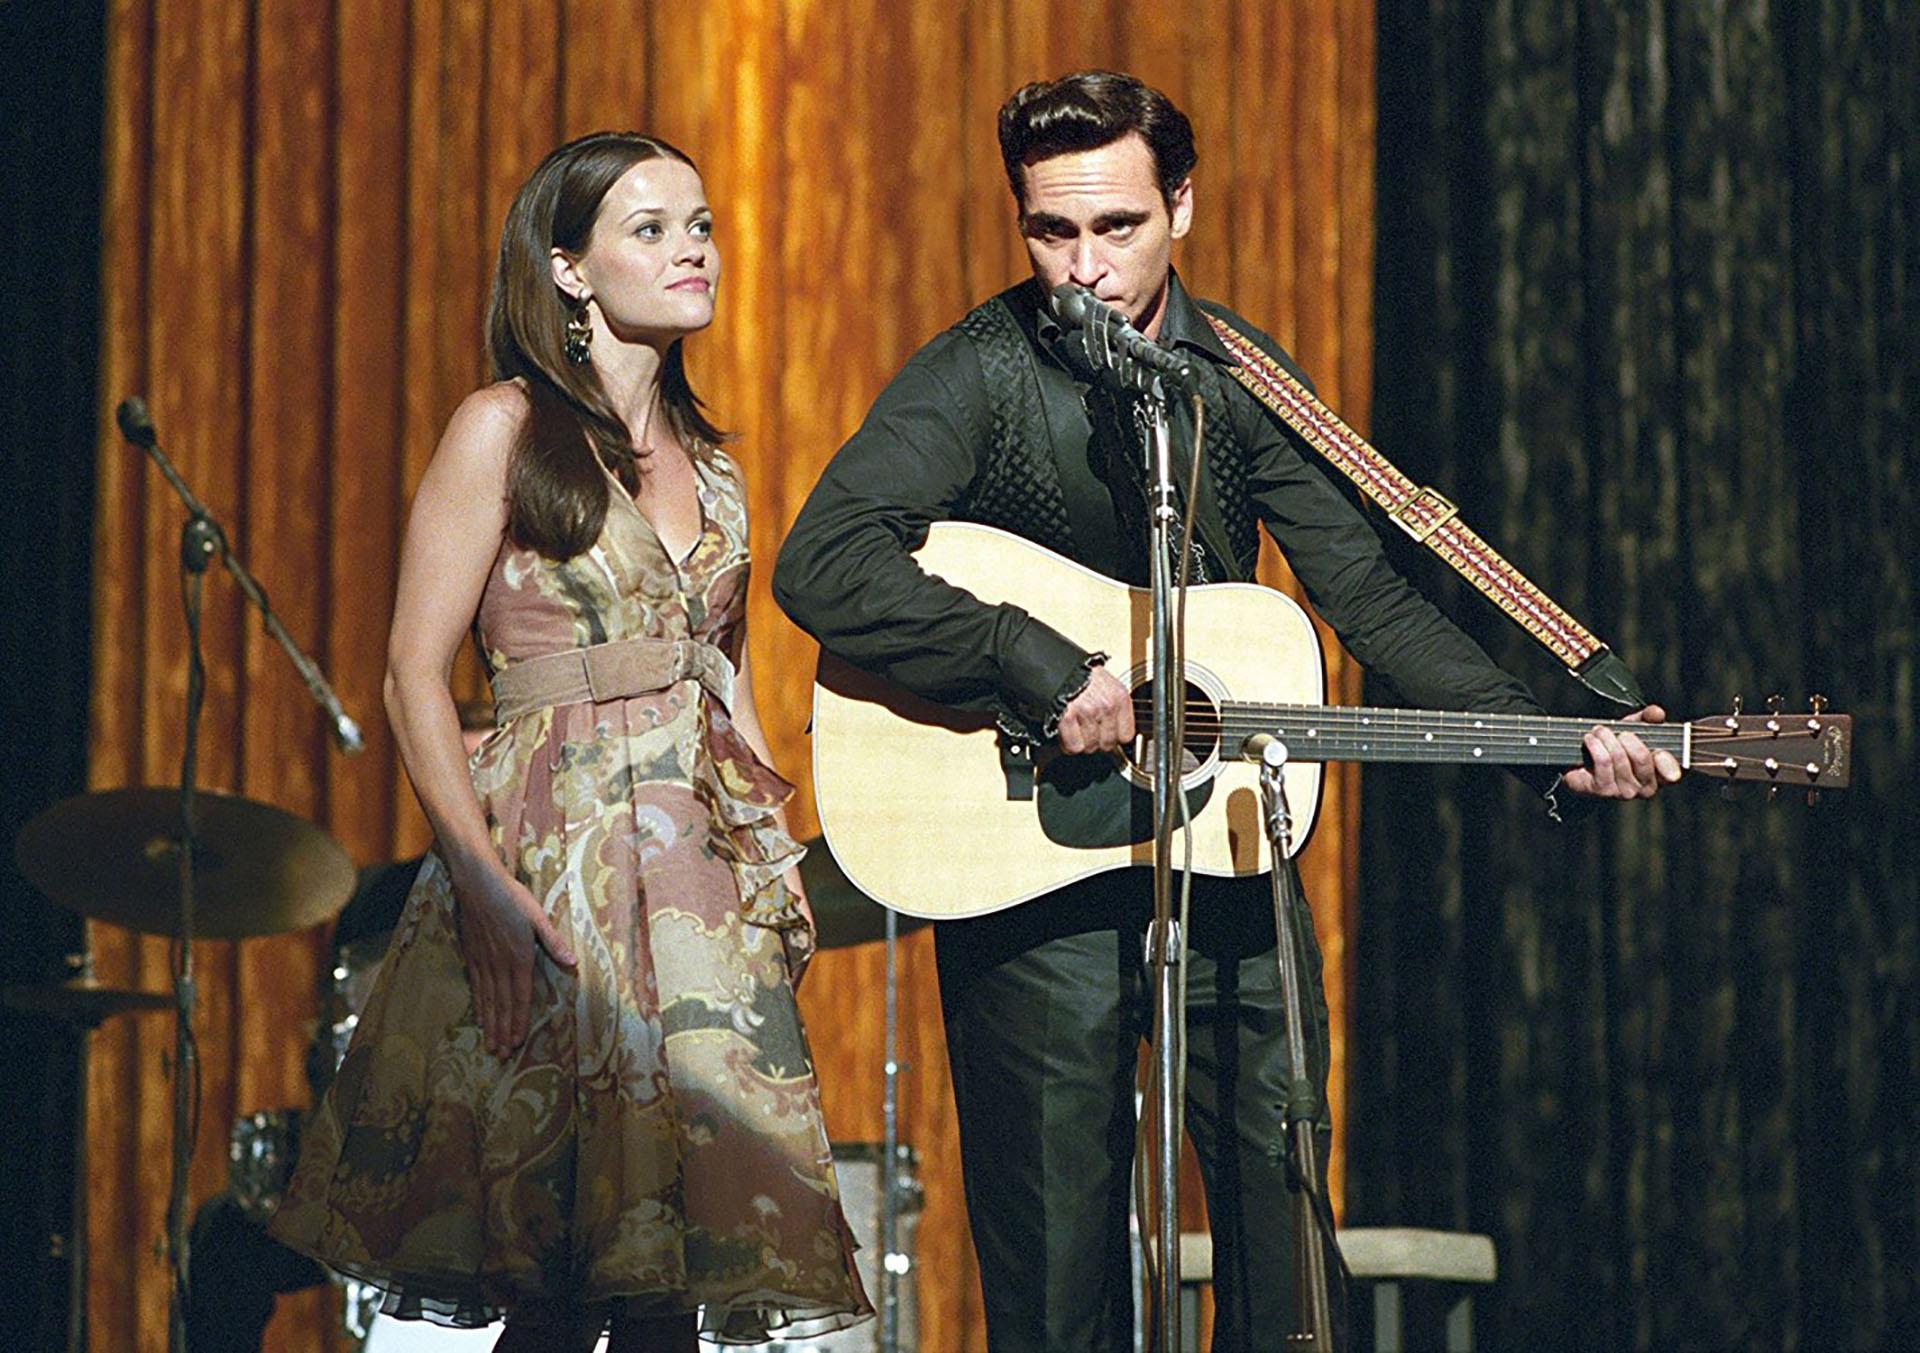 Johnny & June: pasión y locura (2006) – 63ª edición. Dirigida por James Mangold.Ganó 3 Globos de Oro: mejor película musical, mejor actriz y mejor actor